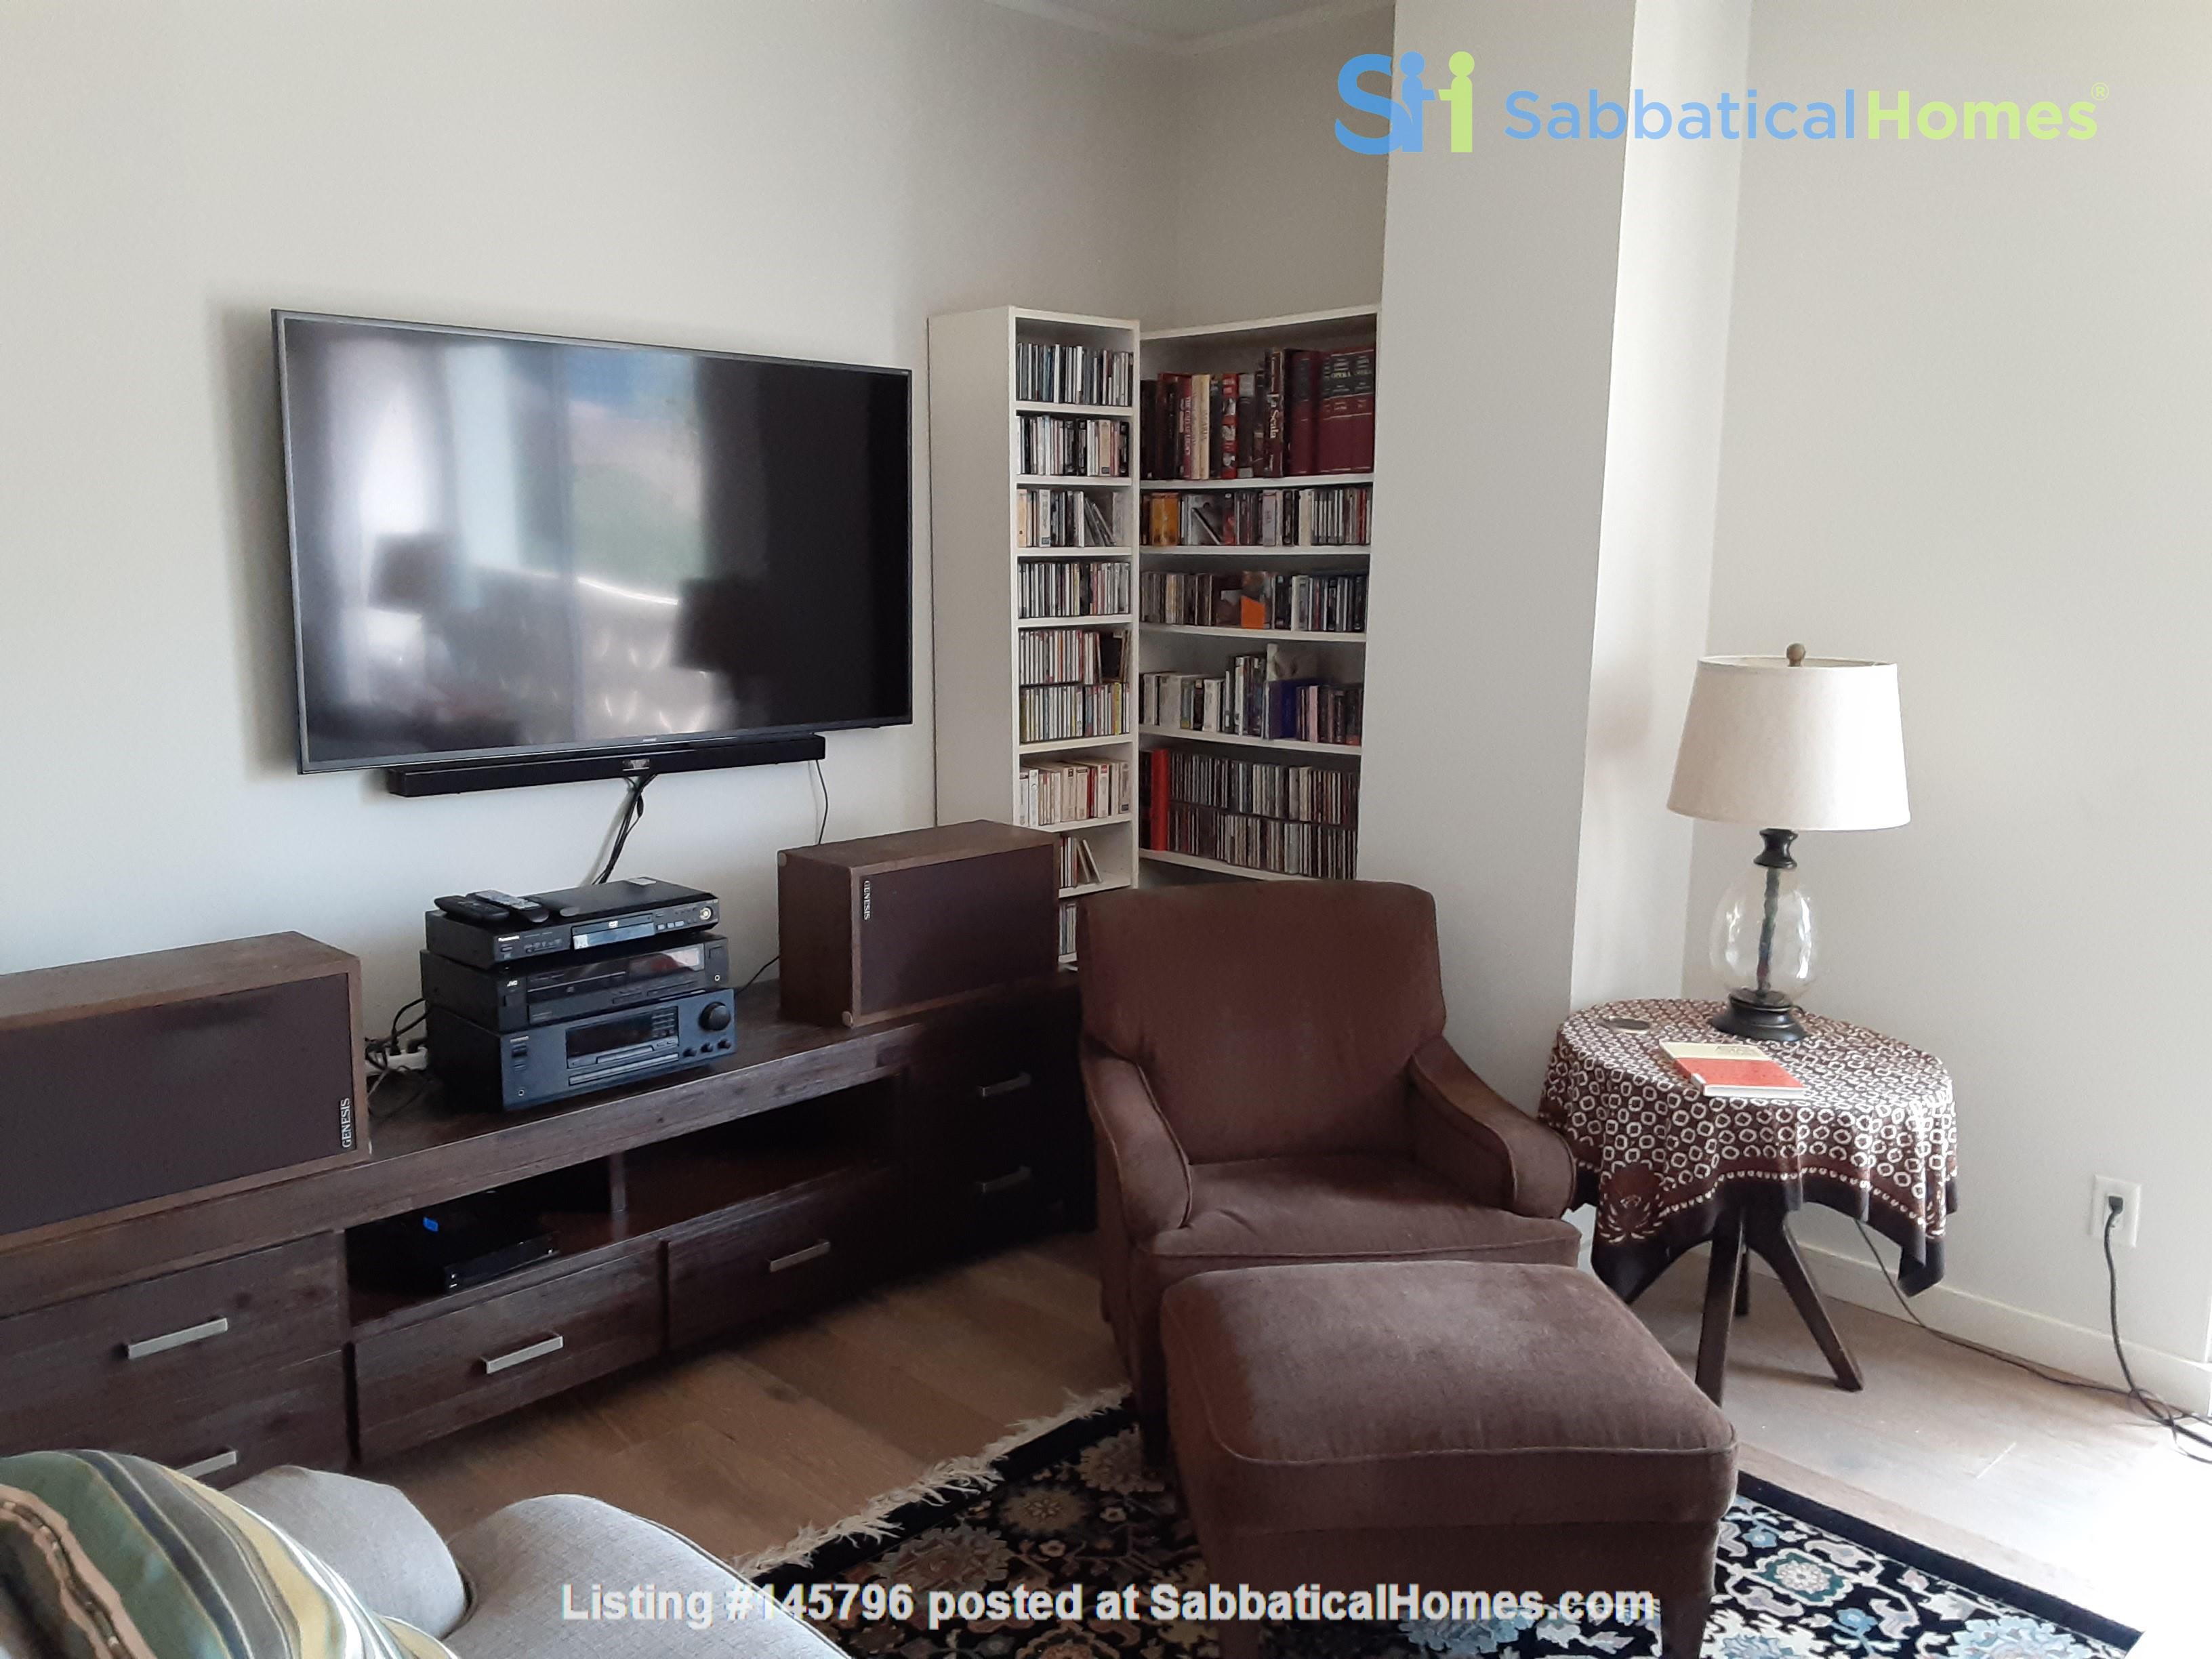 Airy 2-bd, 2-bth condominium facing UT campus. Home Rental in Austin 4